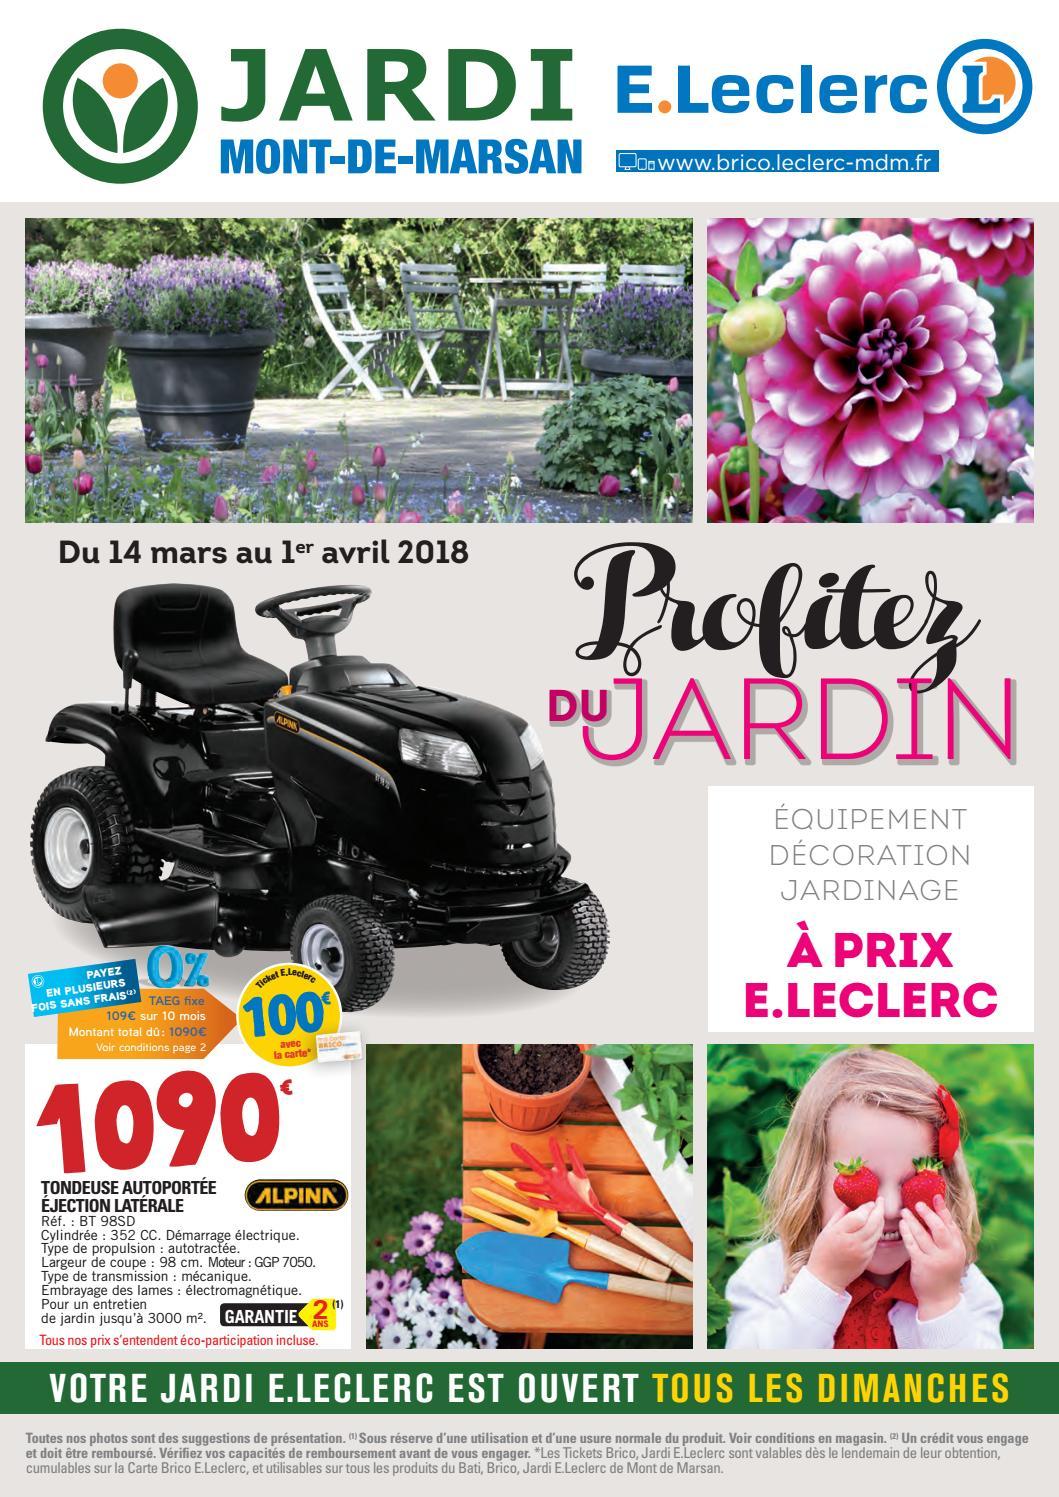 Catalogue Jardin - Jardi E.leclerc By Chou Magazine - Issuu concernant Serré De Jardin Leclerc